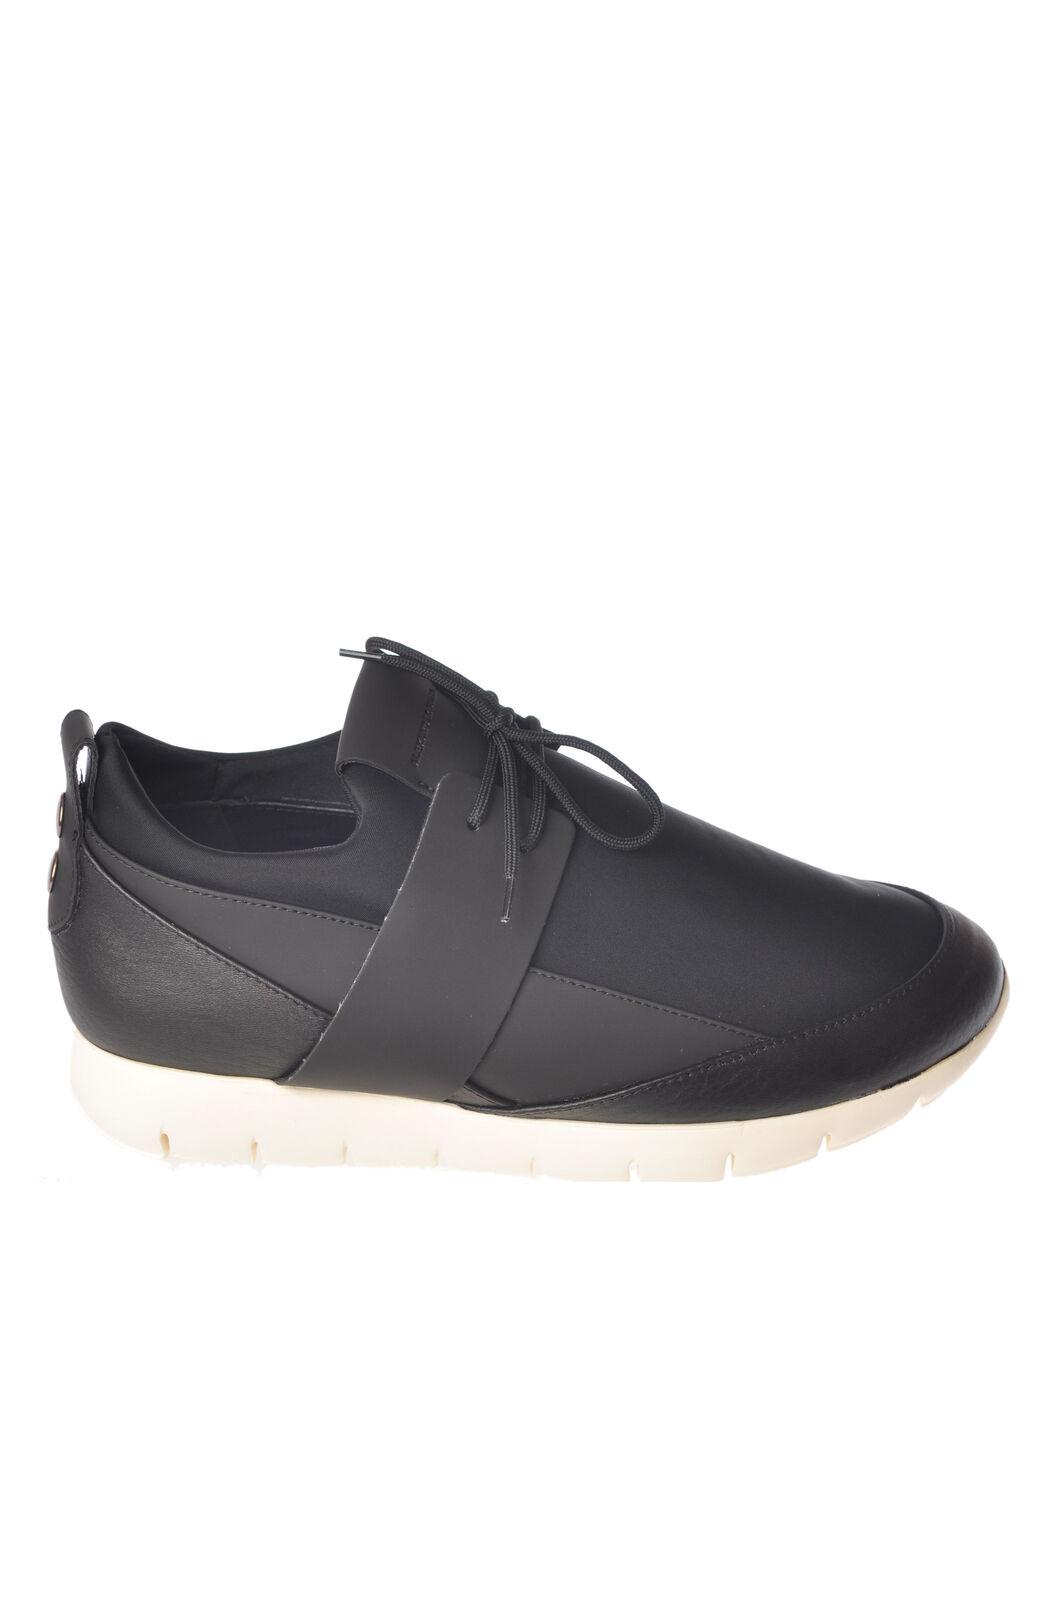 Alexander Smith  -  zapatillas - hombres - negro - 4207727A182145